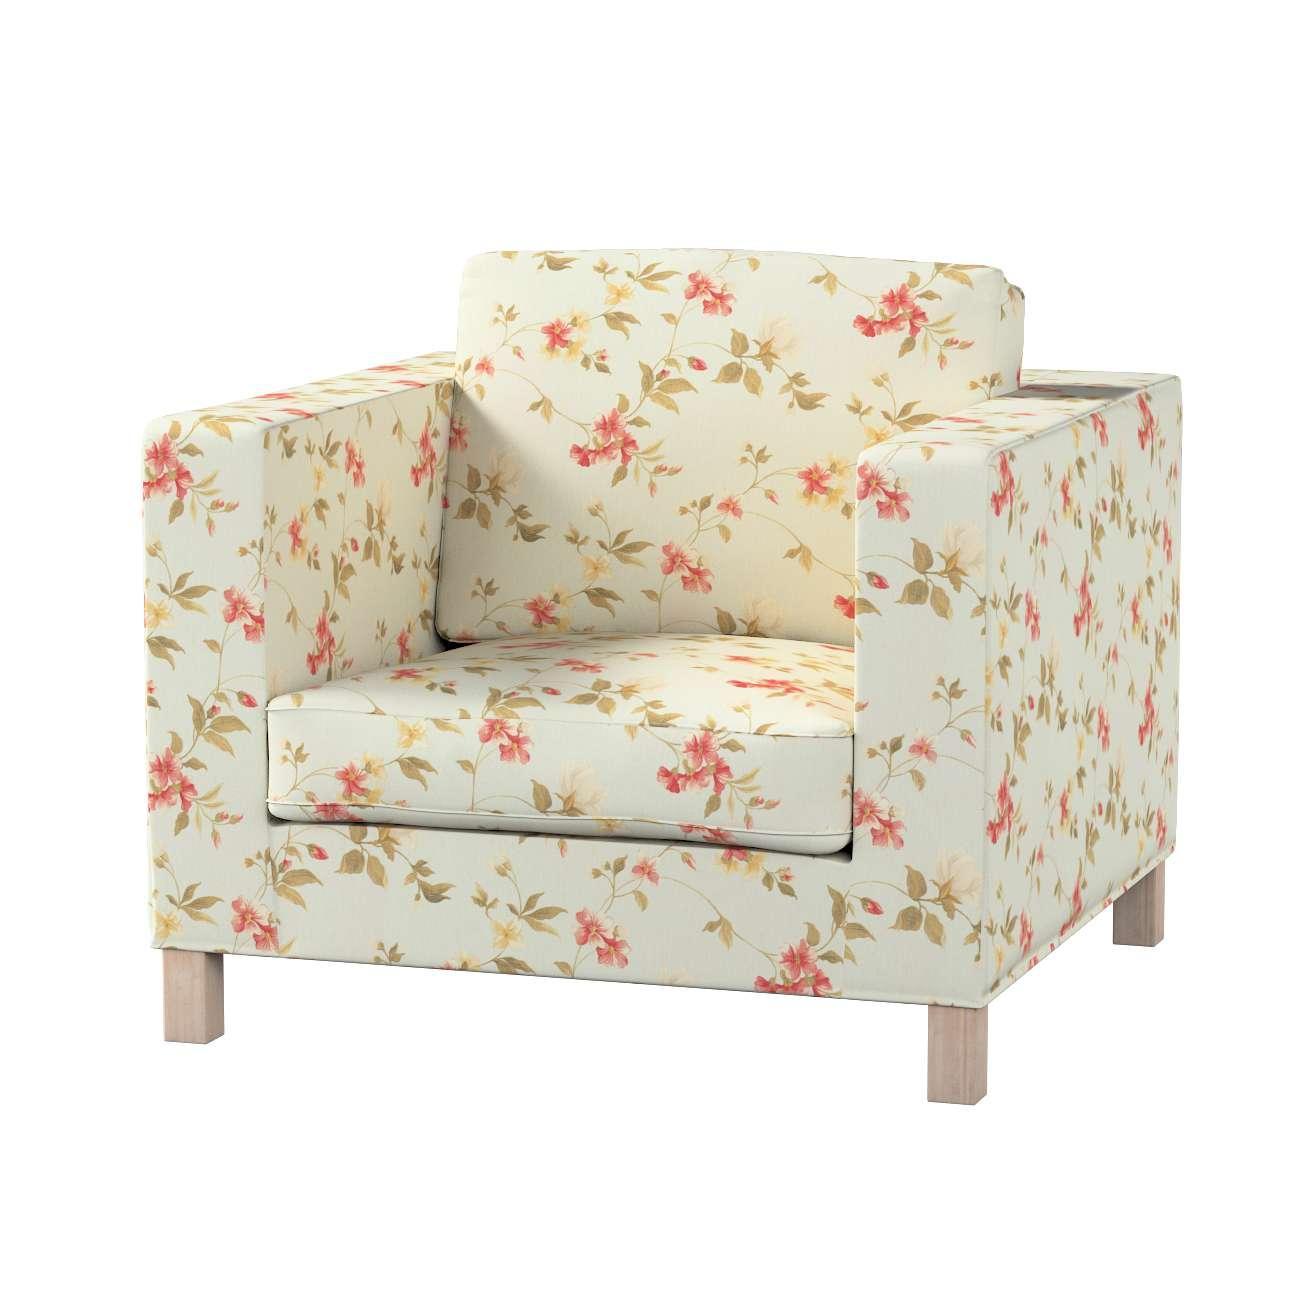 Pokrowiec na fotel Karlanda, krótki fotel Karlanda w kolekcji Londres, tkanina: 124-65